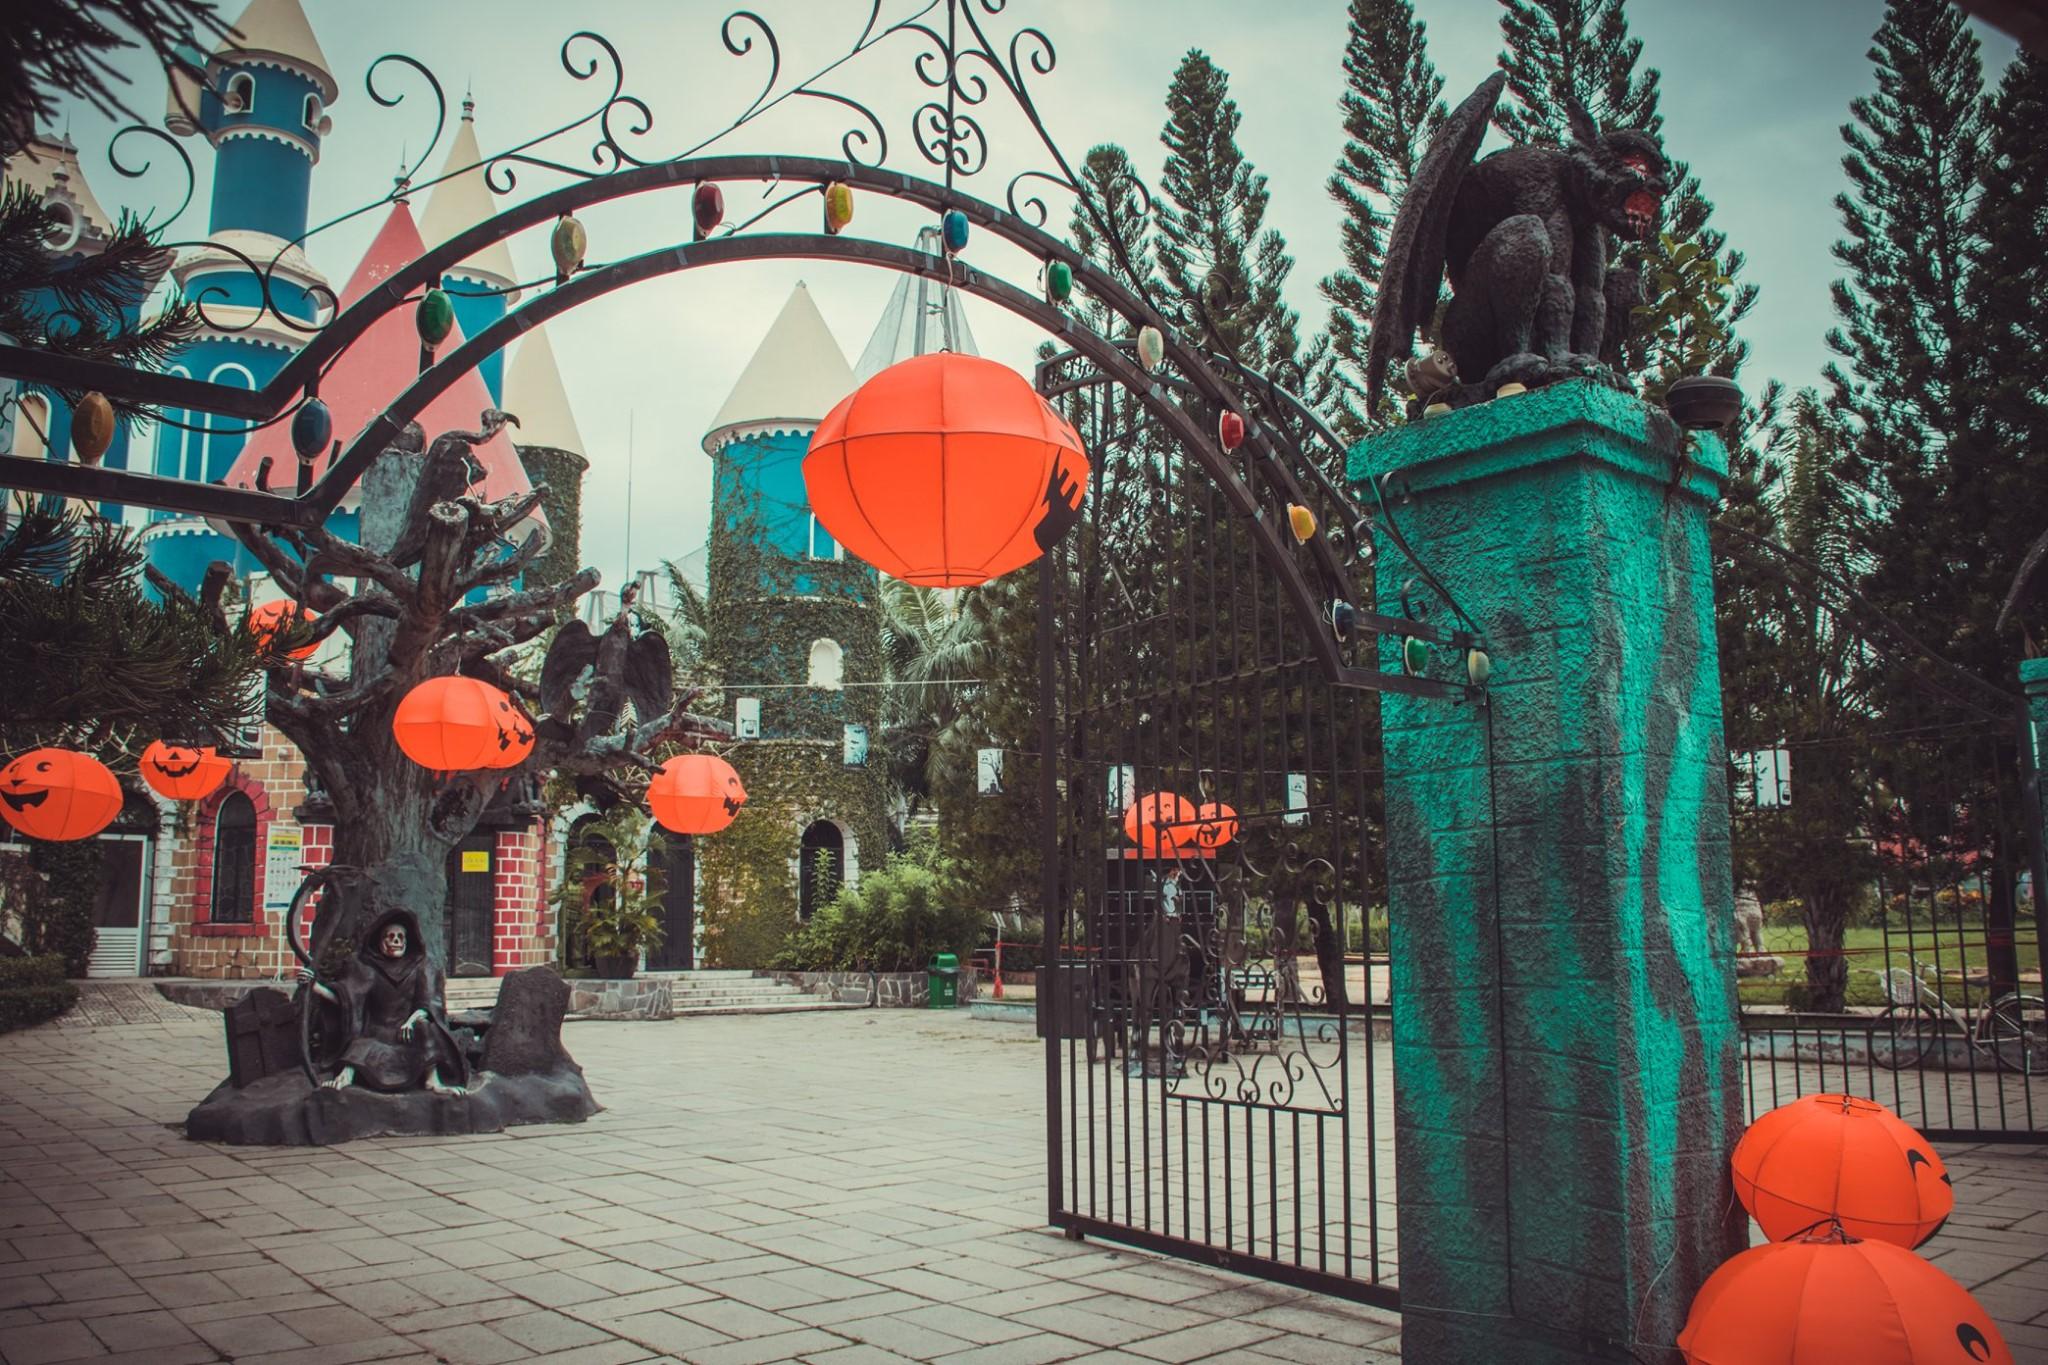 Khám phá loạt địa điểm vui chơi Halloween được check-in nhiều nhất tại Sài Gòn  - Ảnh 7.